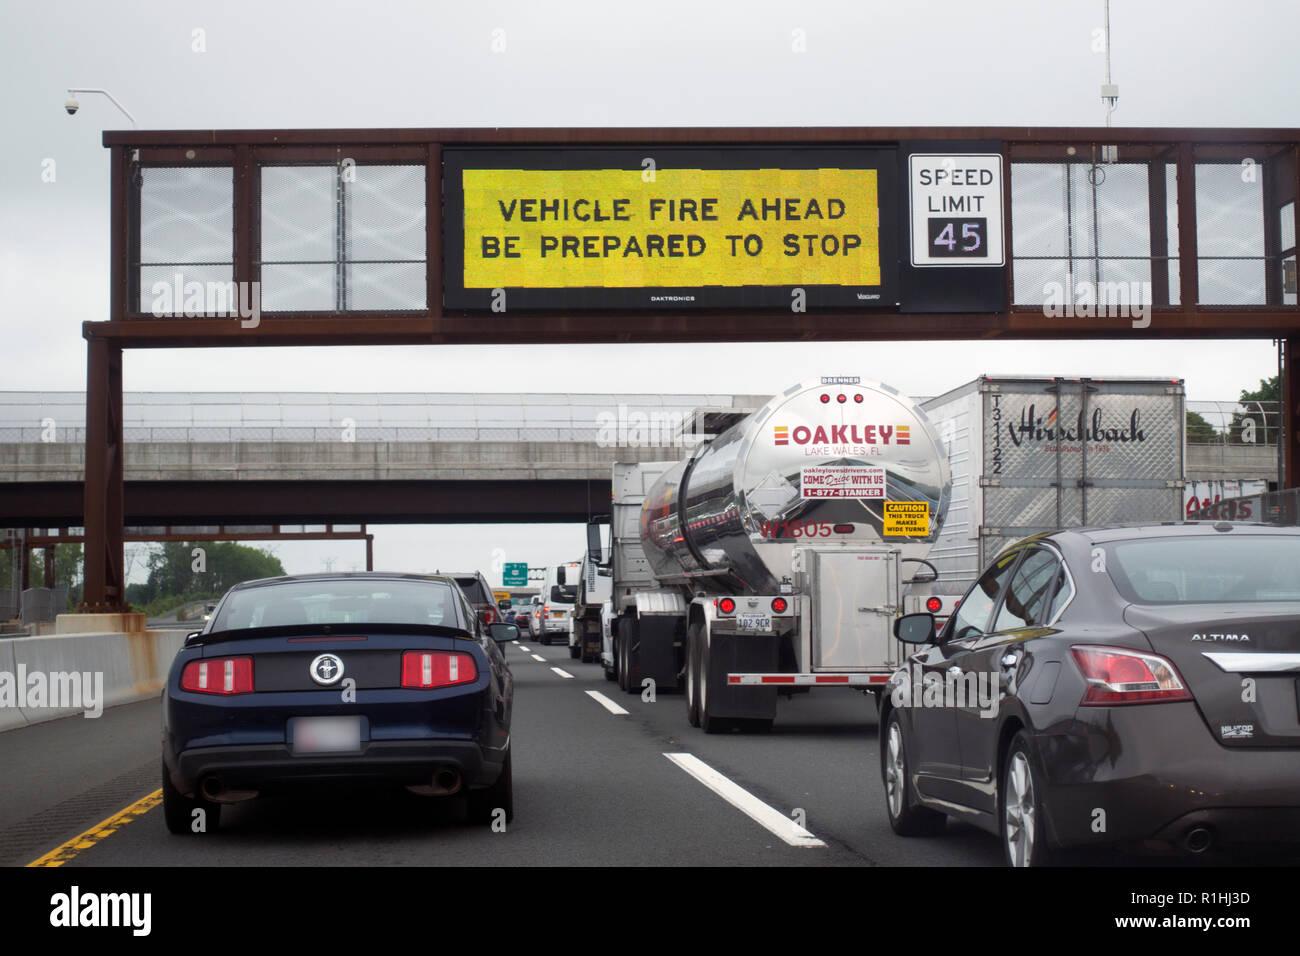 vehicle accident Washington Dc Stock Photo: 224736833 - Alamy